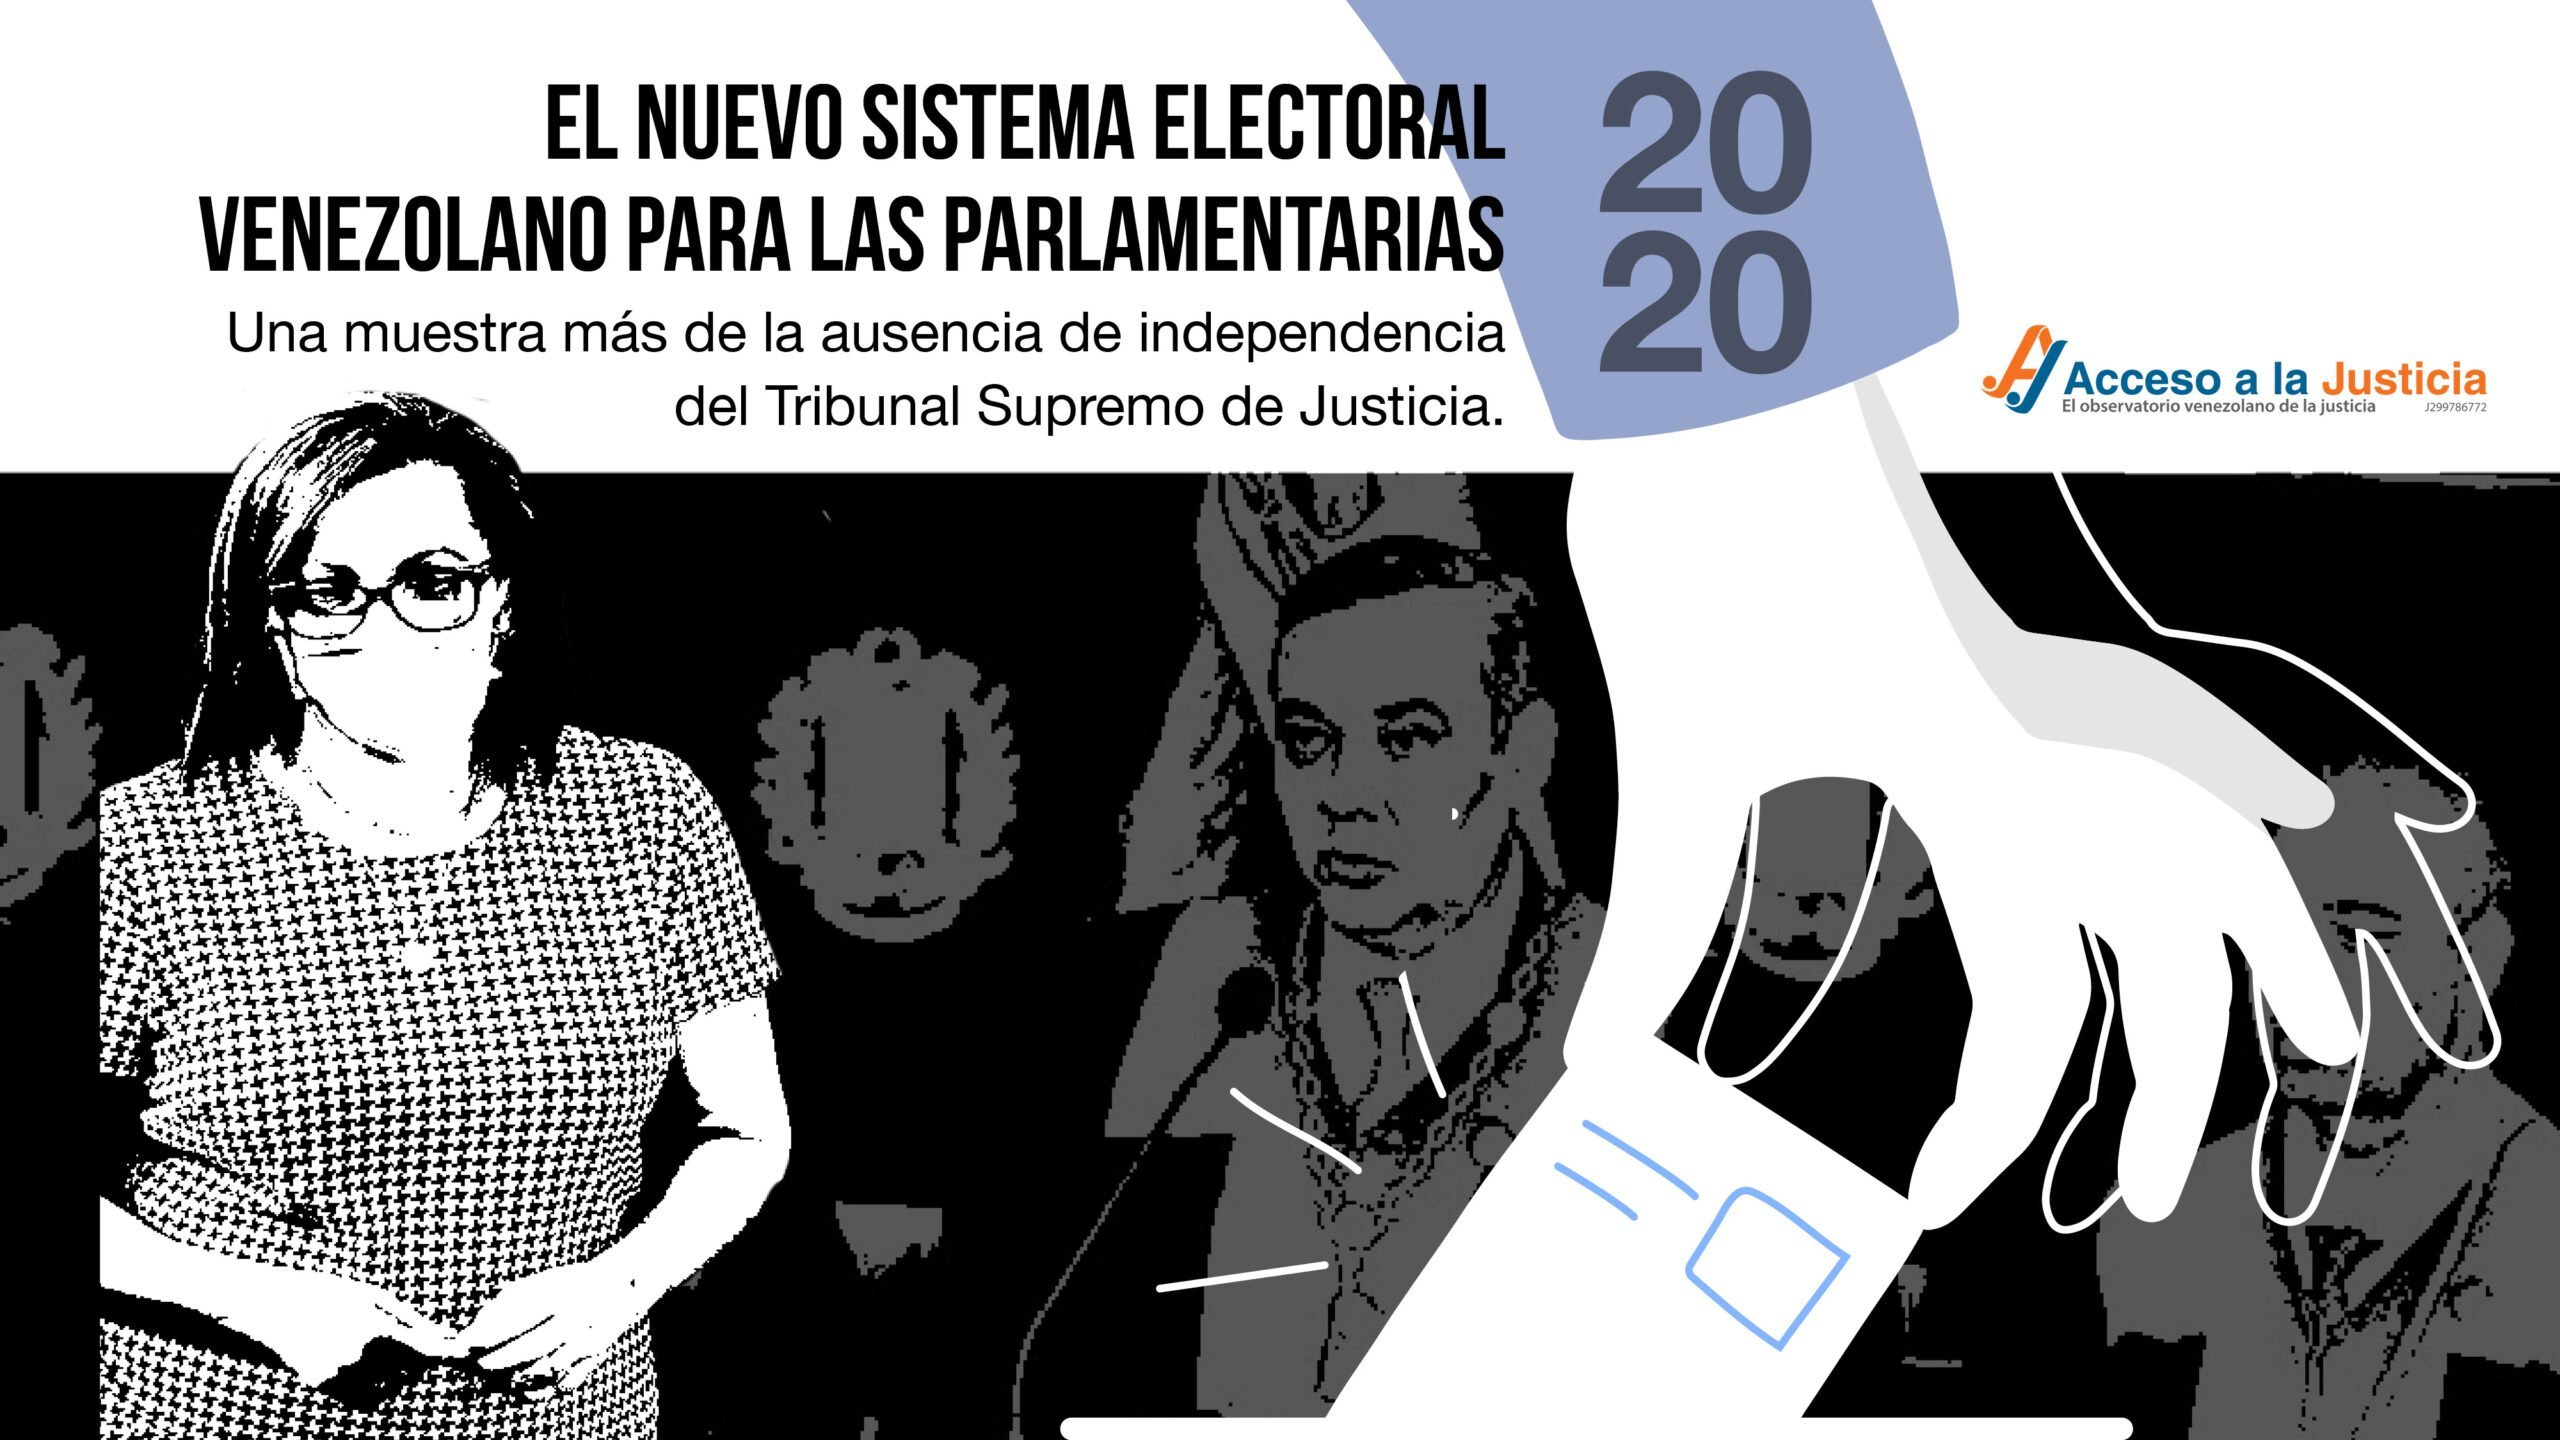 El nuevo sistema electoral venezolano para las parlamentarias 2020